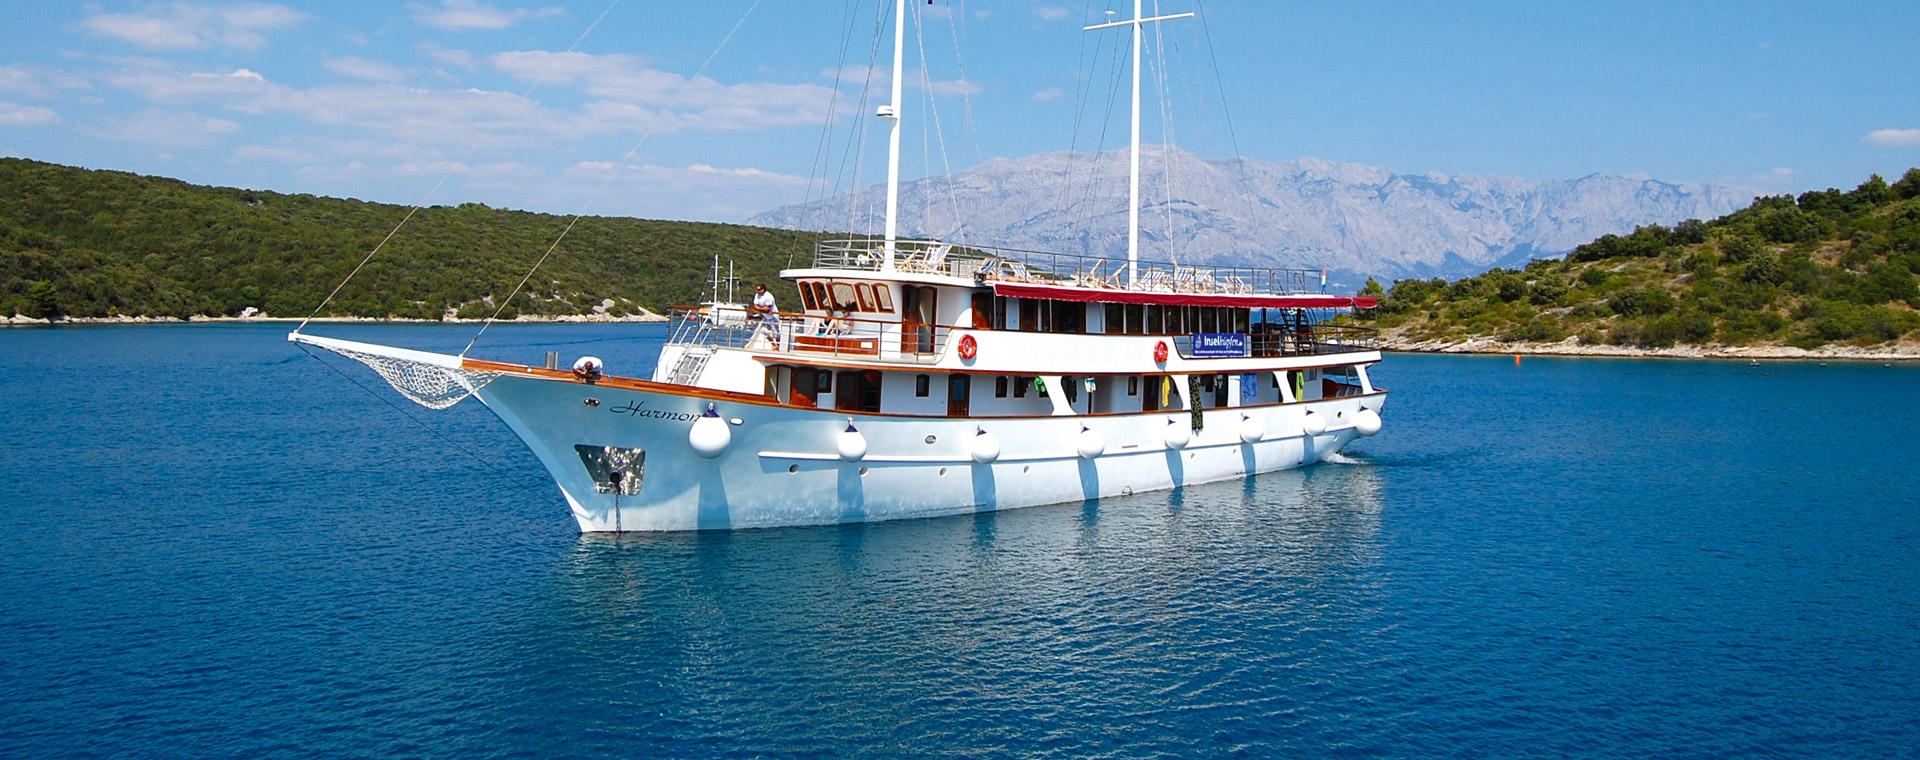 Image Dalmatie : les plus belles îles et cités